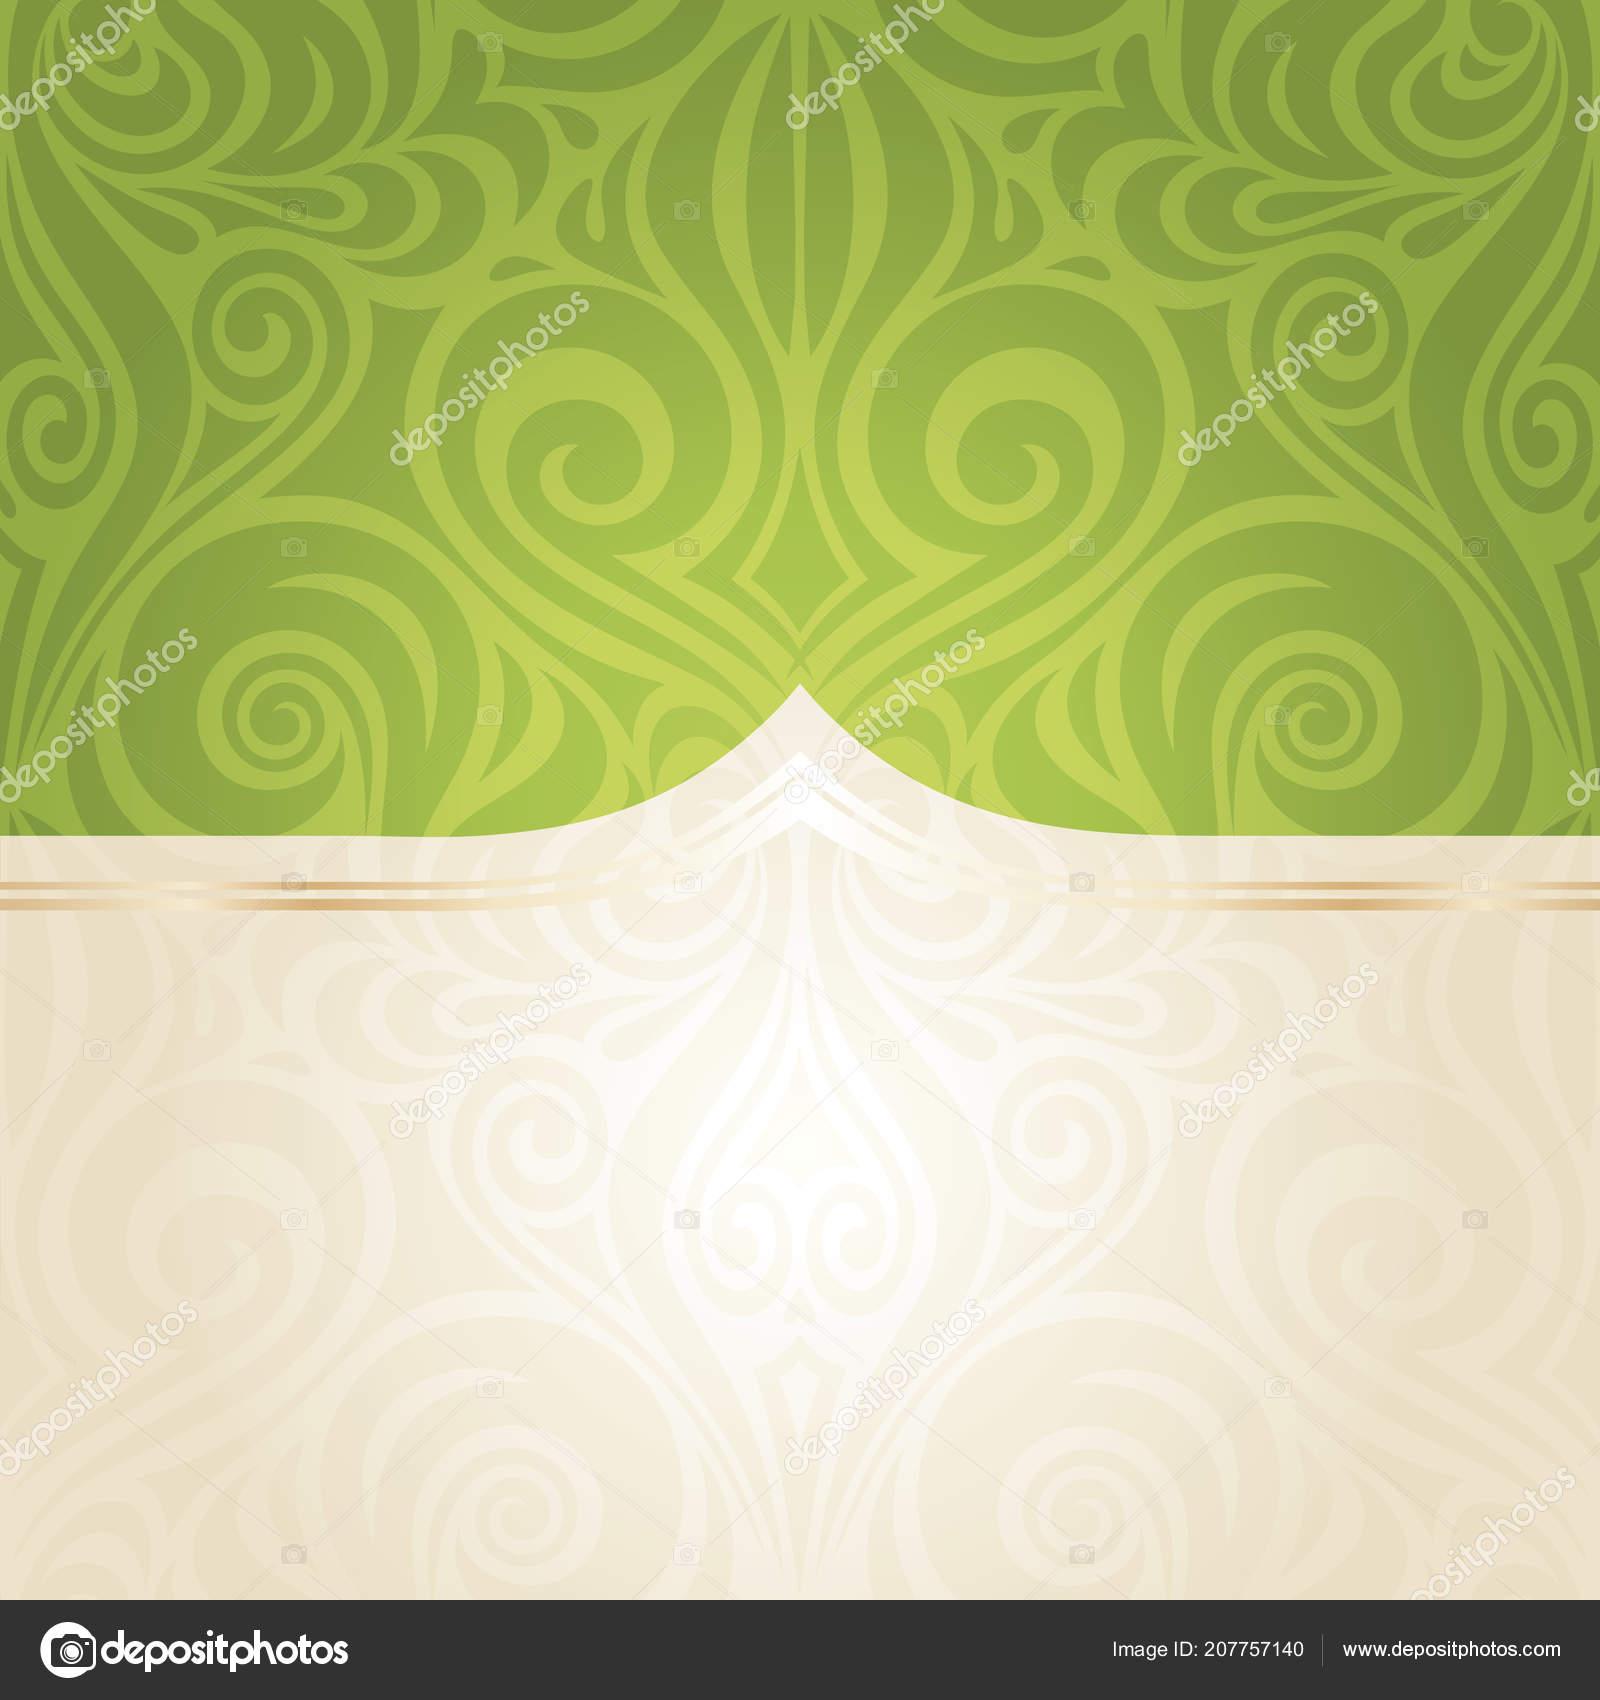 グリーン イースター花のヴィンテージ壁紙ベクトル マンダラ デザイン Backround コピー スペース ストックベクター C Erinvilar 207757140